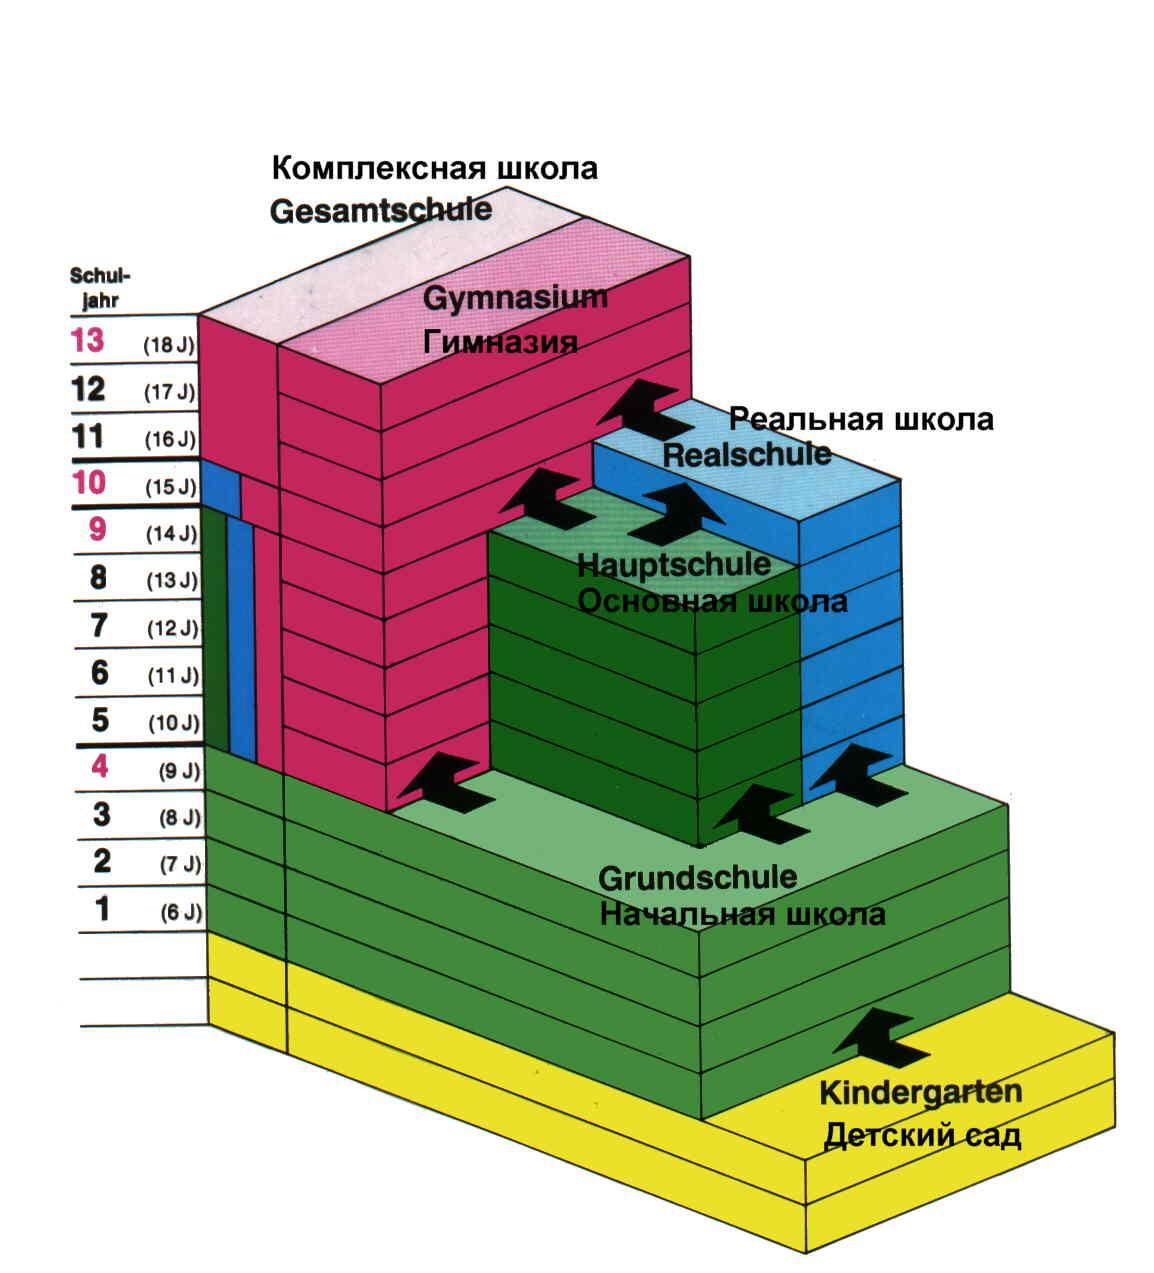 Школьная система в германии картинка